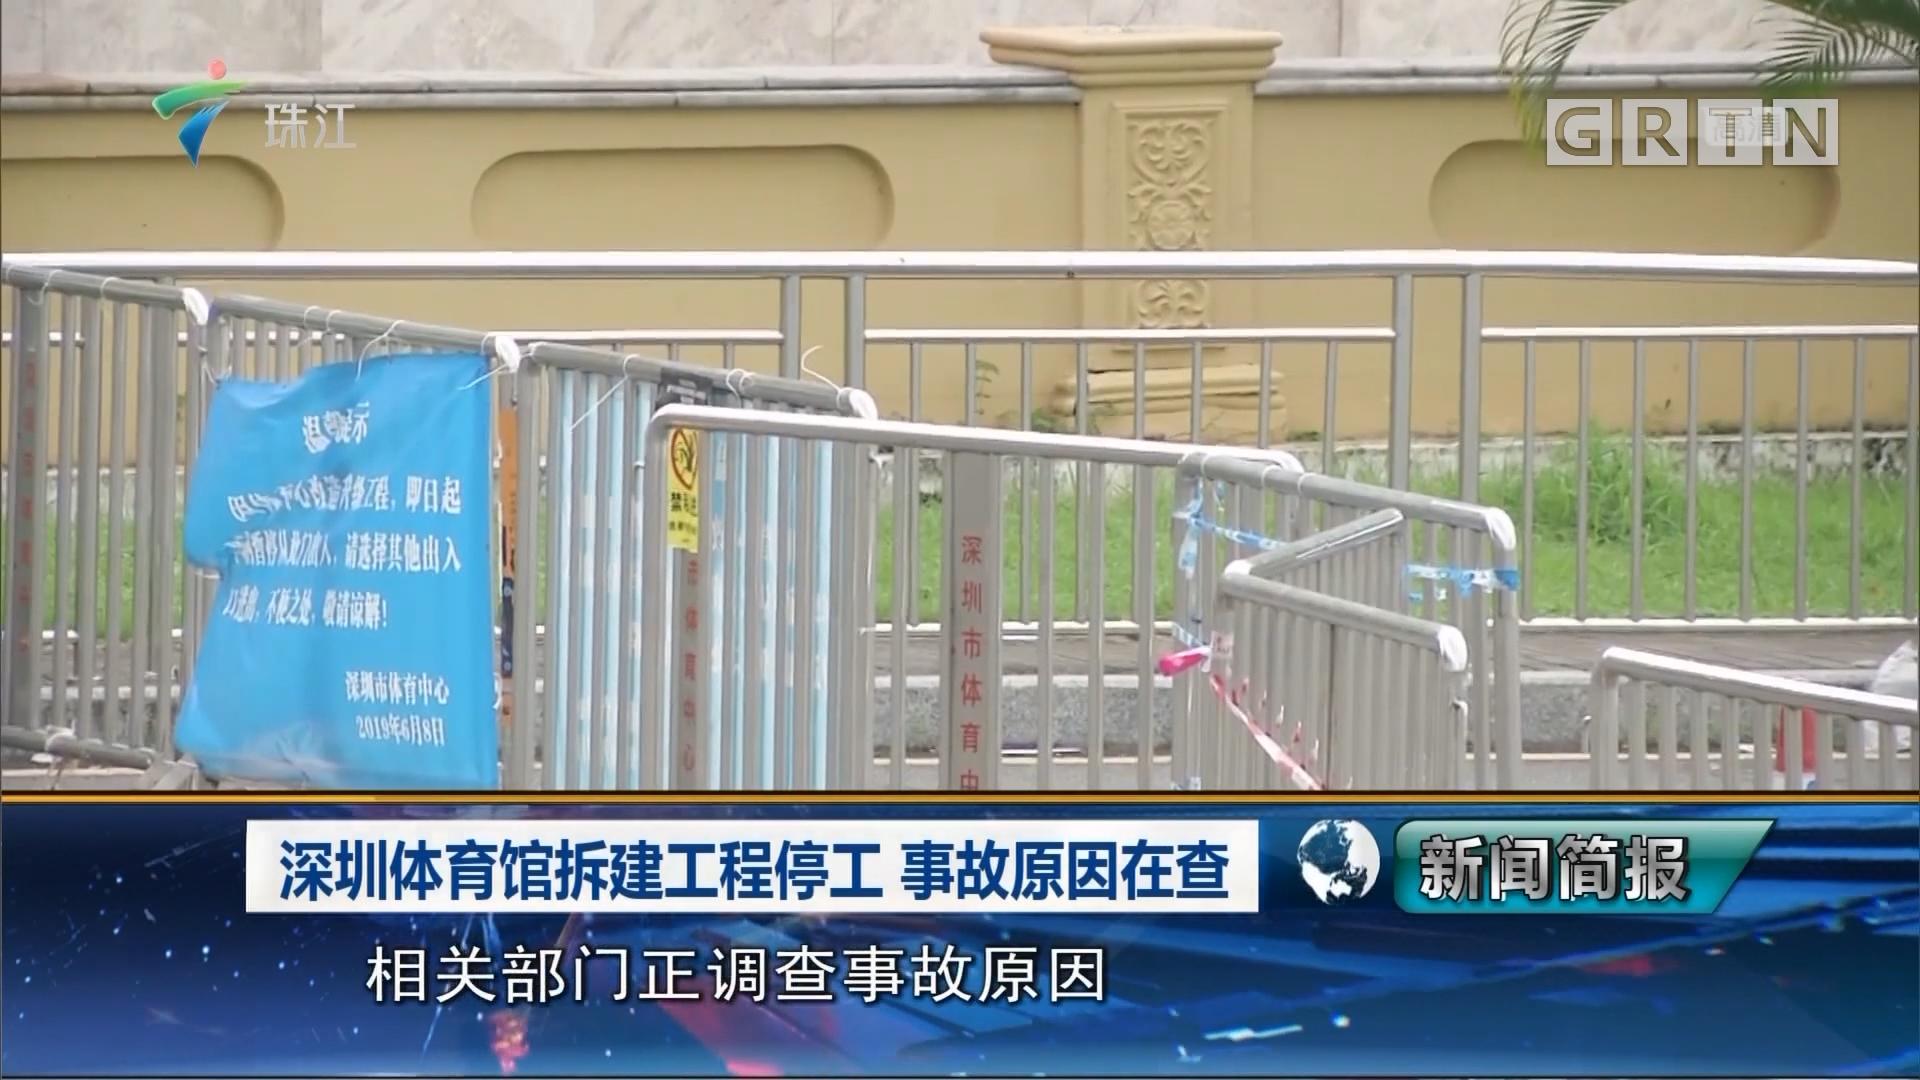 深圳体育馆拆建工程停工 事故原因在查